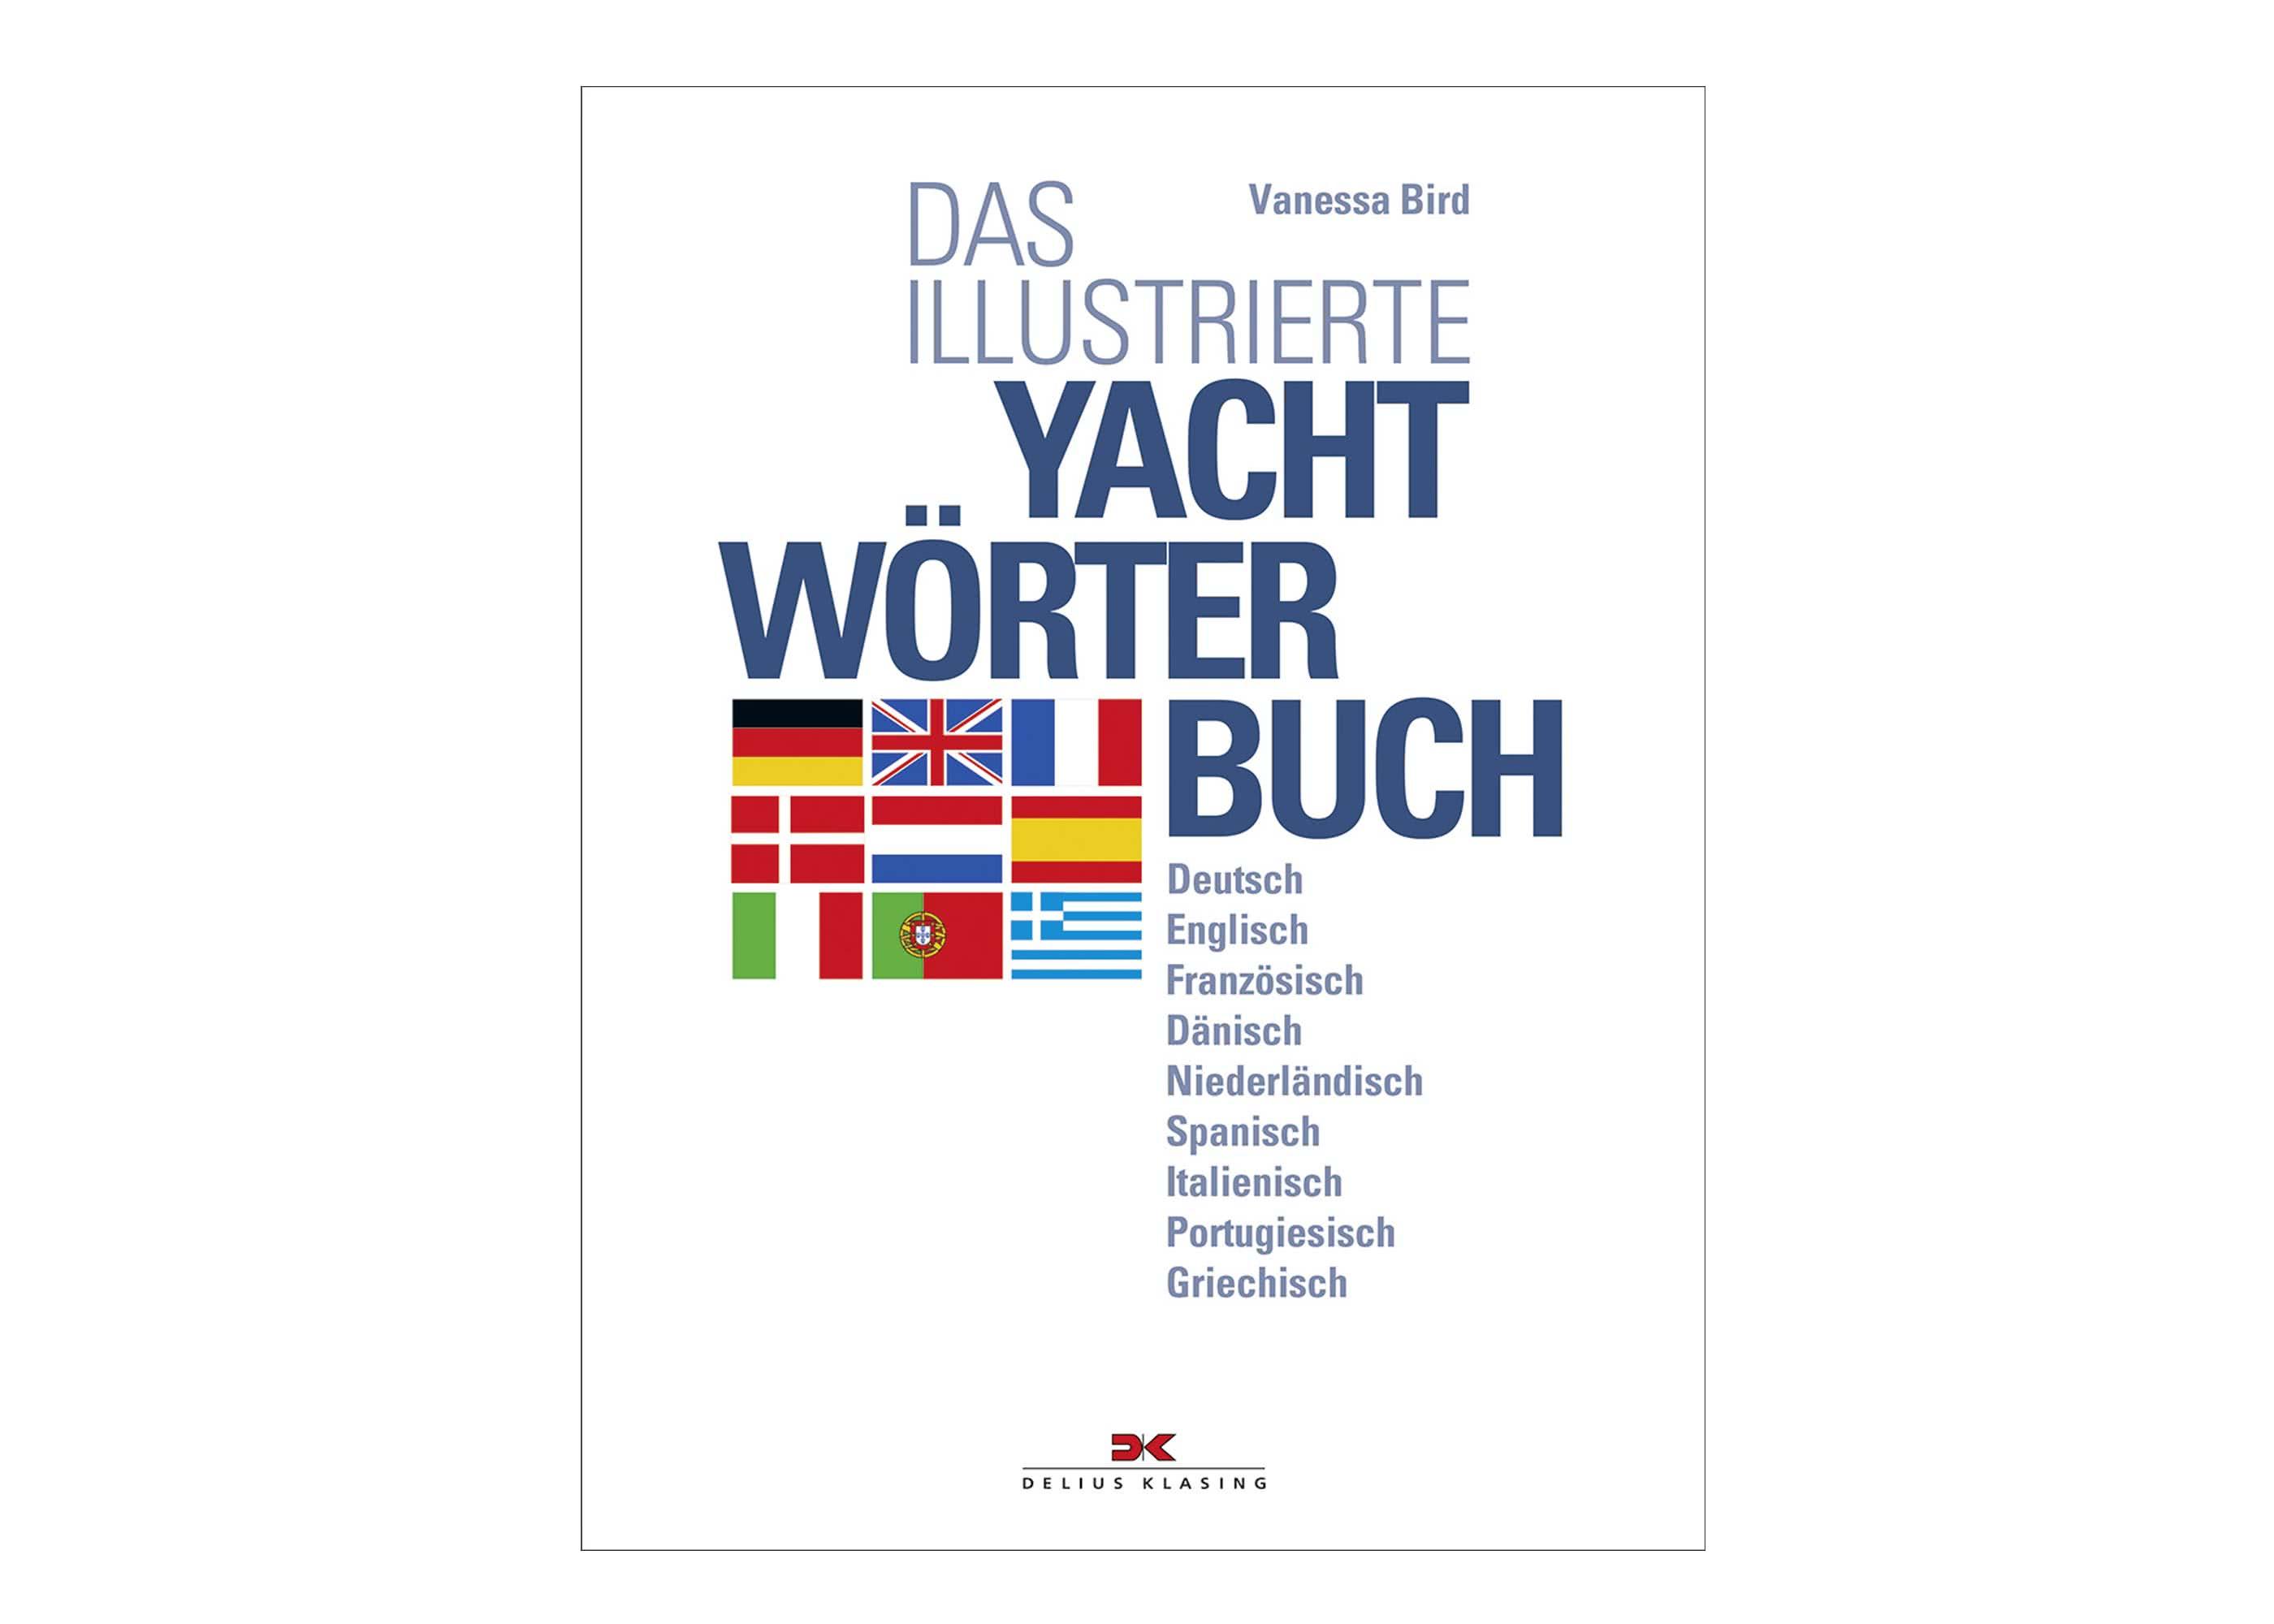 77626_DK_Das_illustrierte_Yachtwoerterbuch.jpg